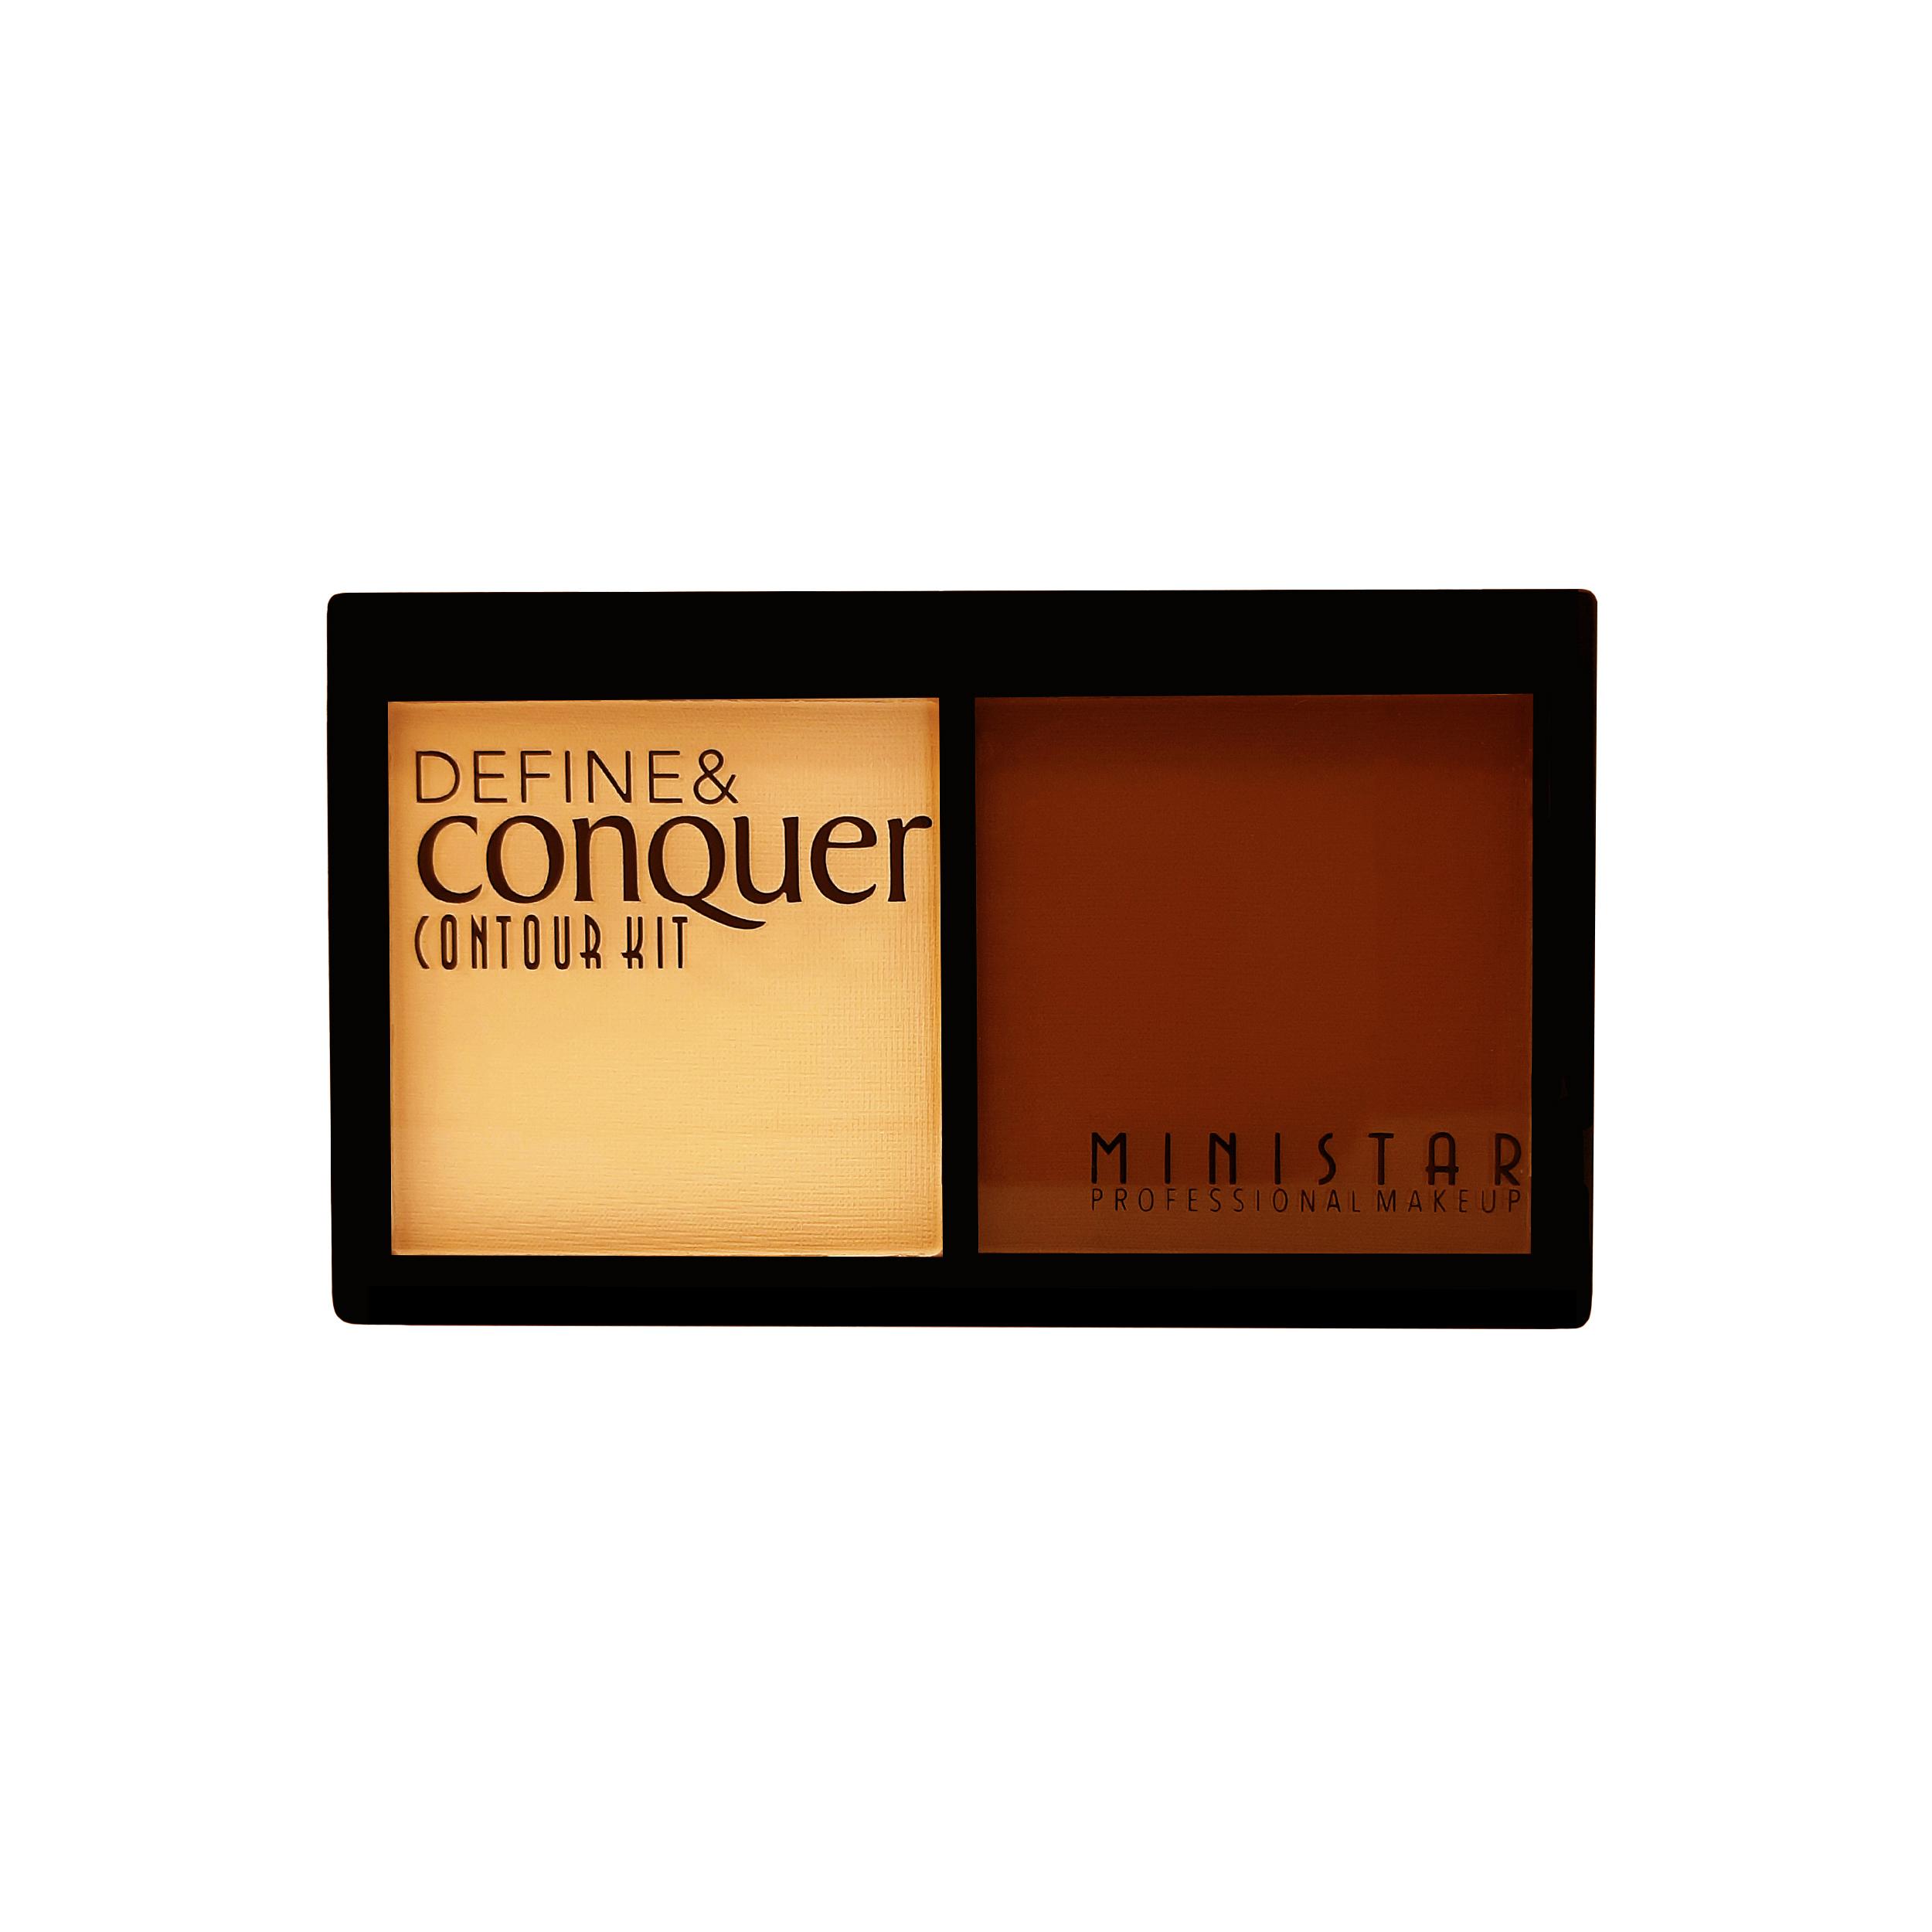 قیمت پالت کانتورینگ مینی استار مدل Define & Conquer شماره 103